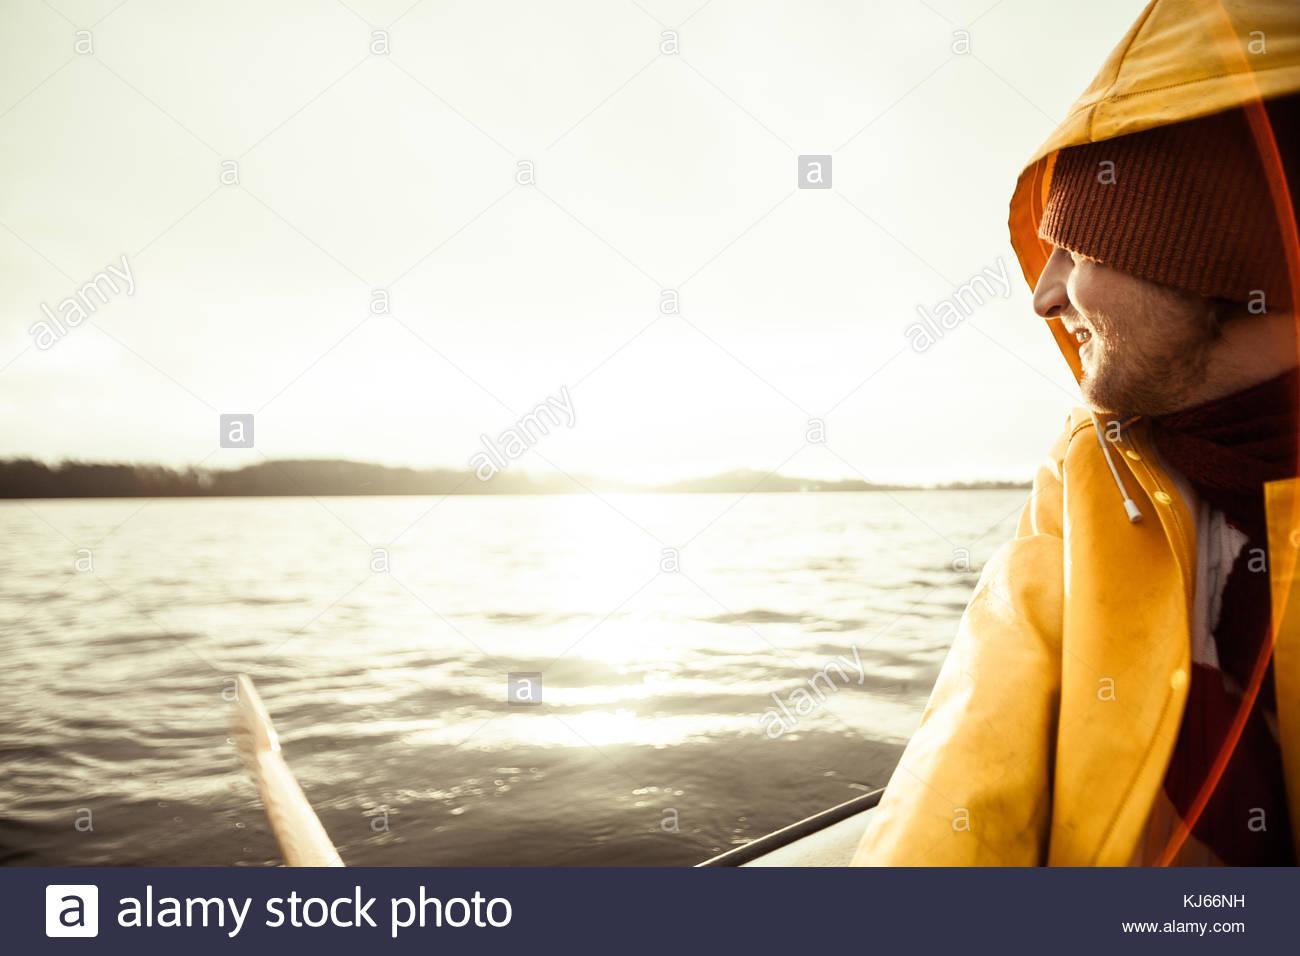 Rowing on lake - Stock Image